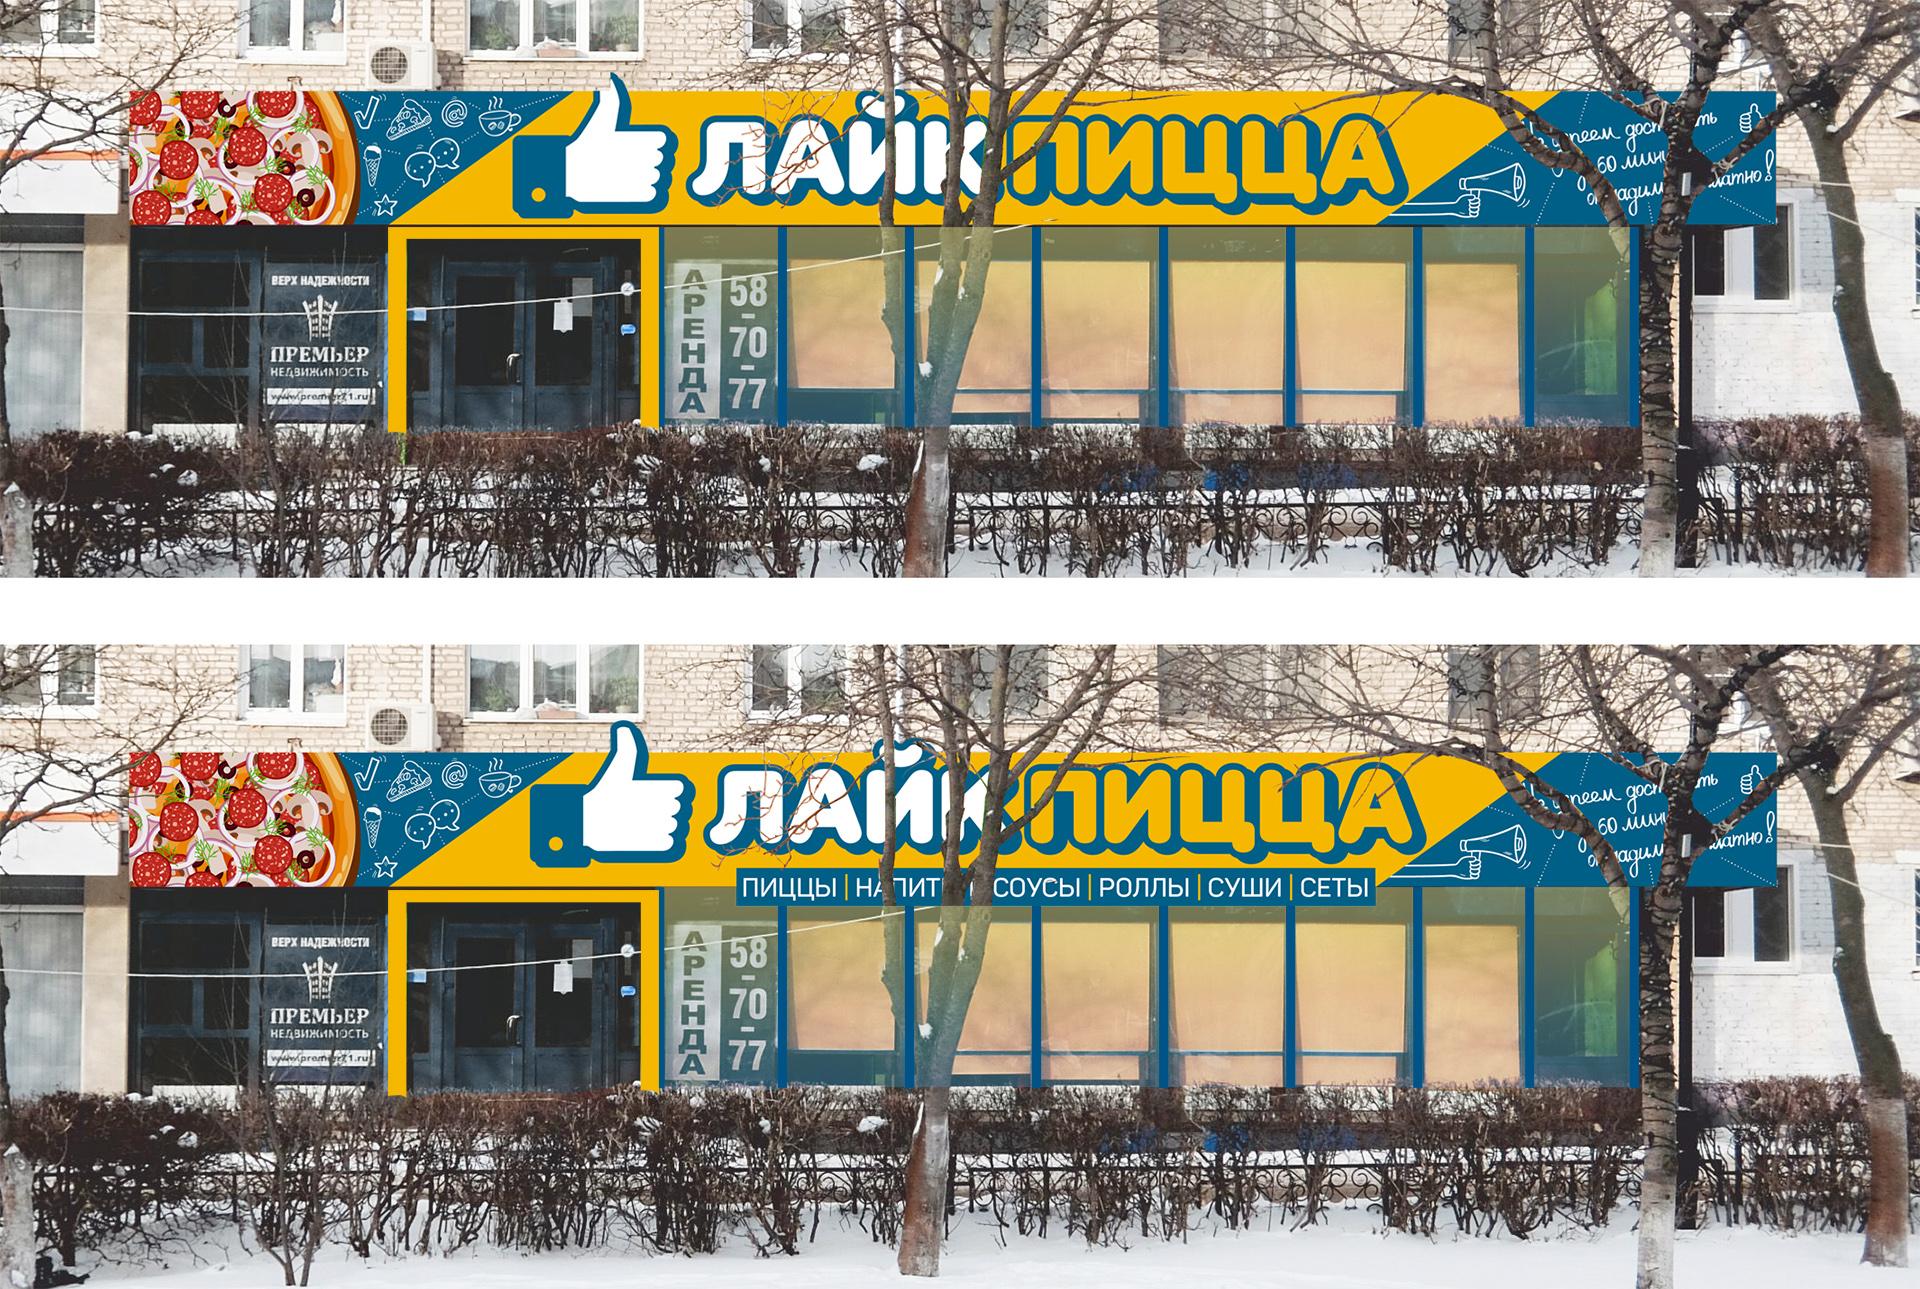 Дизайн уличного козырька с вывеской для пиццерии фото f_3345873d87256286.jpg